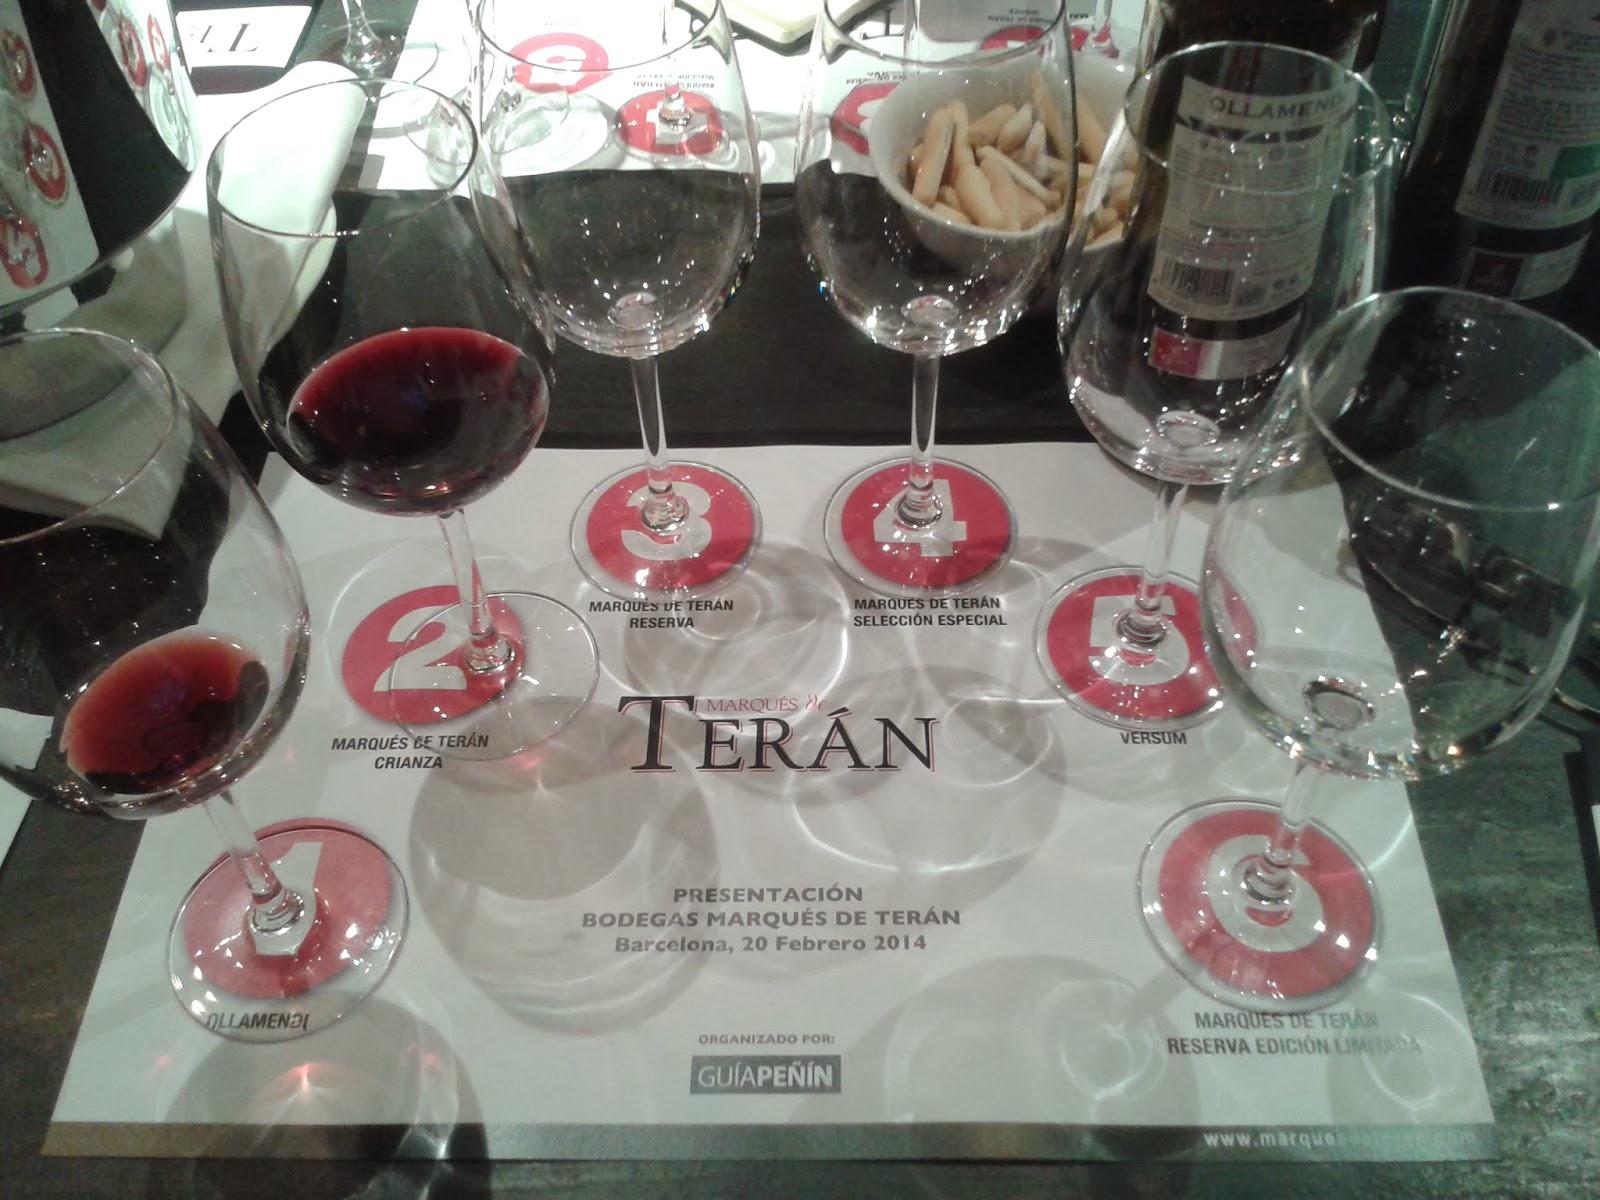 http://www.margalvan.com/2014/02/presentacion-bodegas-marques-de-teran.html